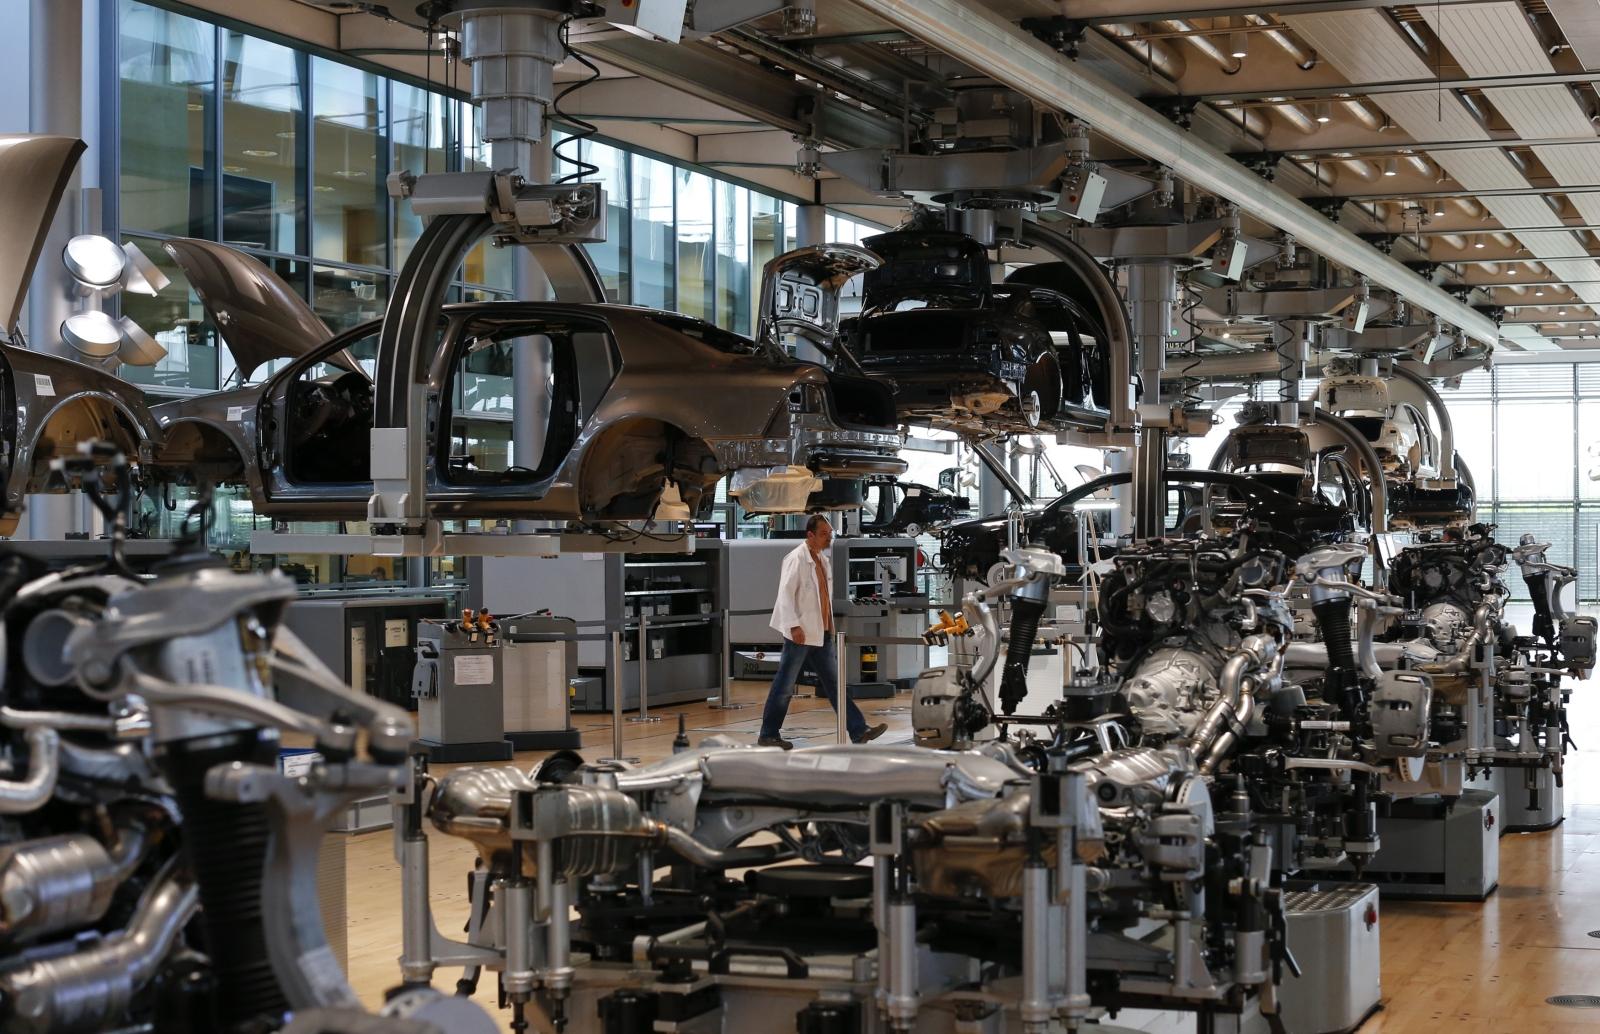 Власти Германии продолжат проверять автозаводы после «дизельгейта»